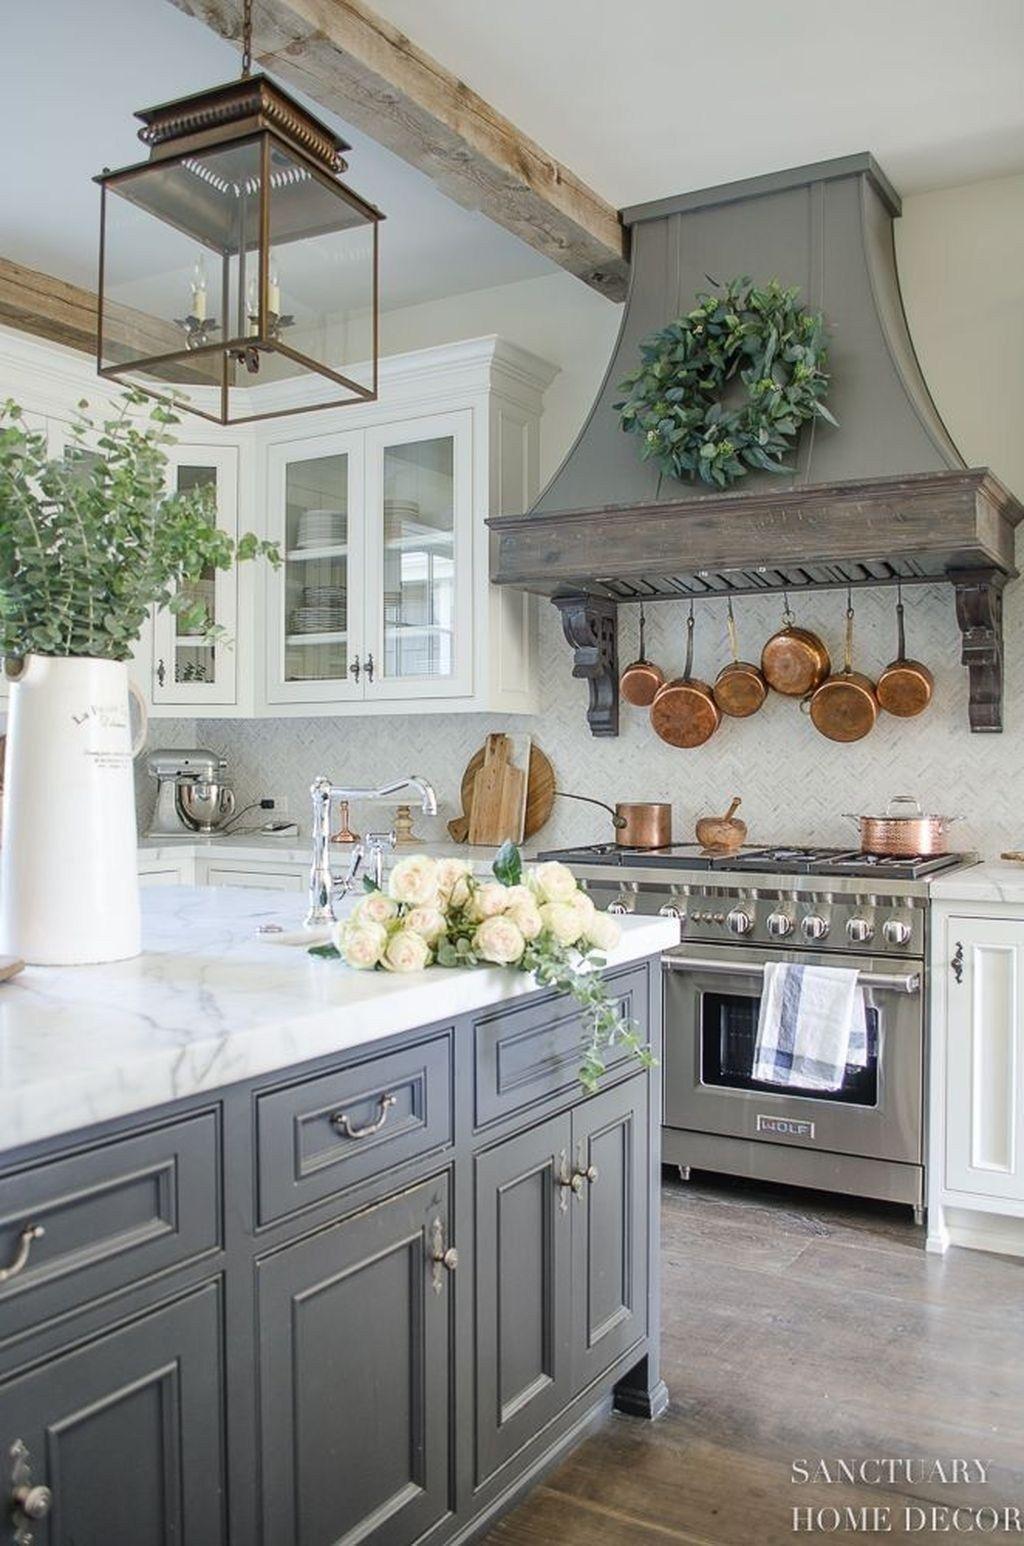 Beautiful Home Interior 48 De Beste Decoratie Ideen Voor De Franse Landelijke Keuken Pimphomee In 2020 Cottage Kitchen Decor Country Style Kitchen Home Decor Kitchen